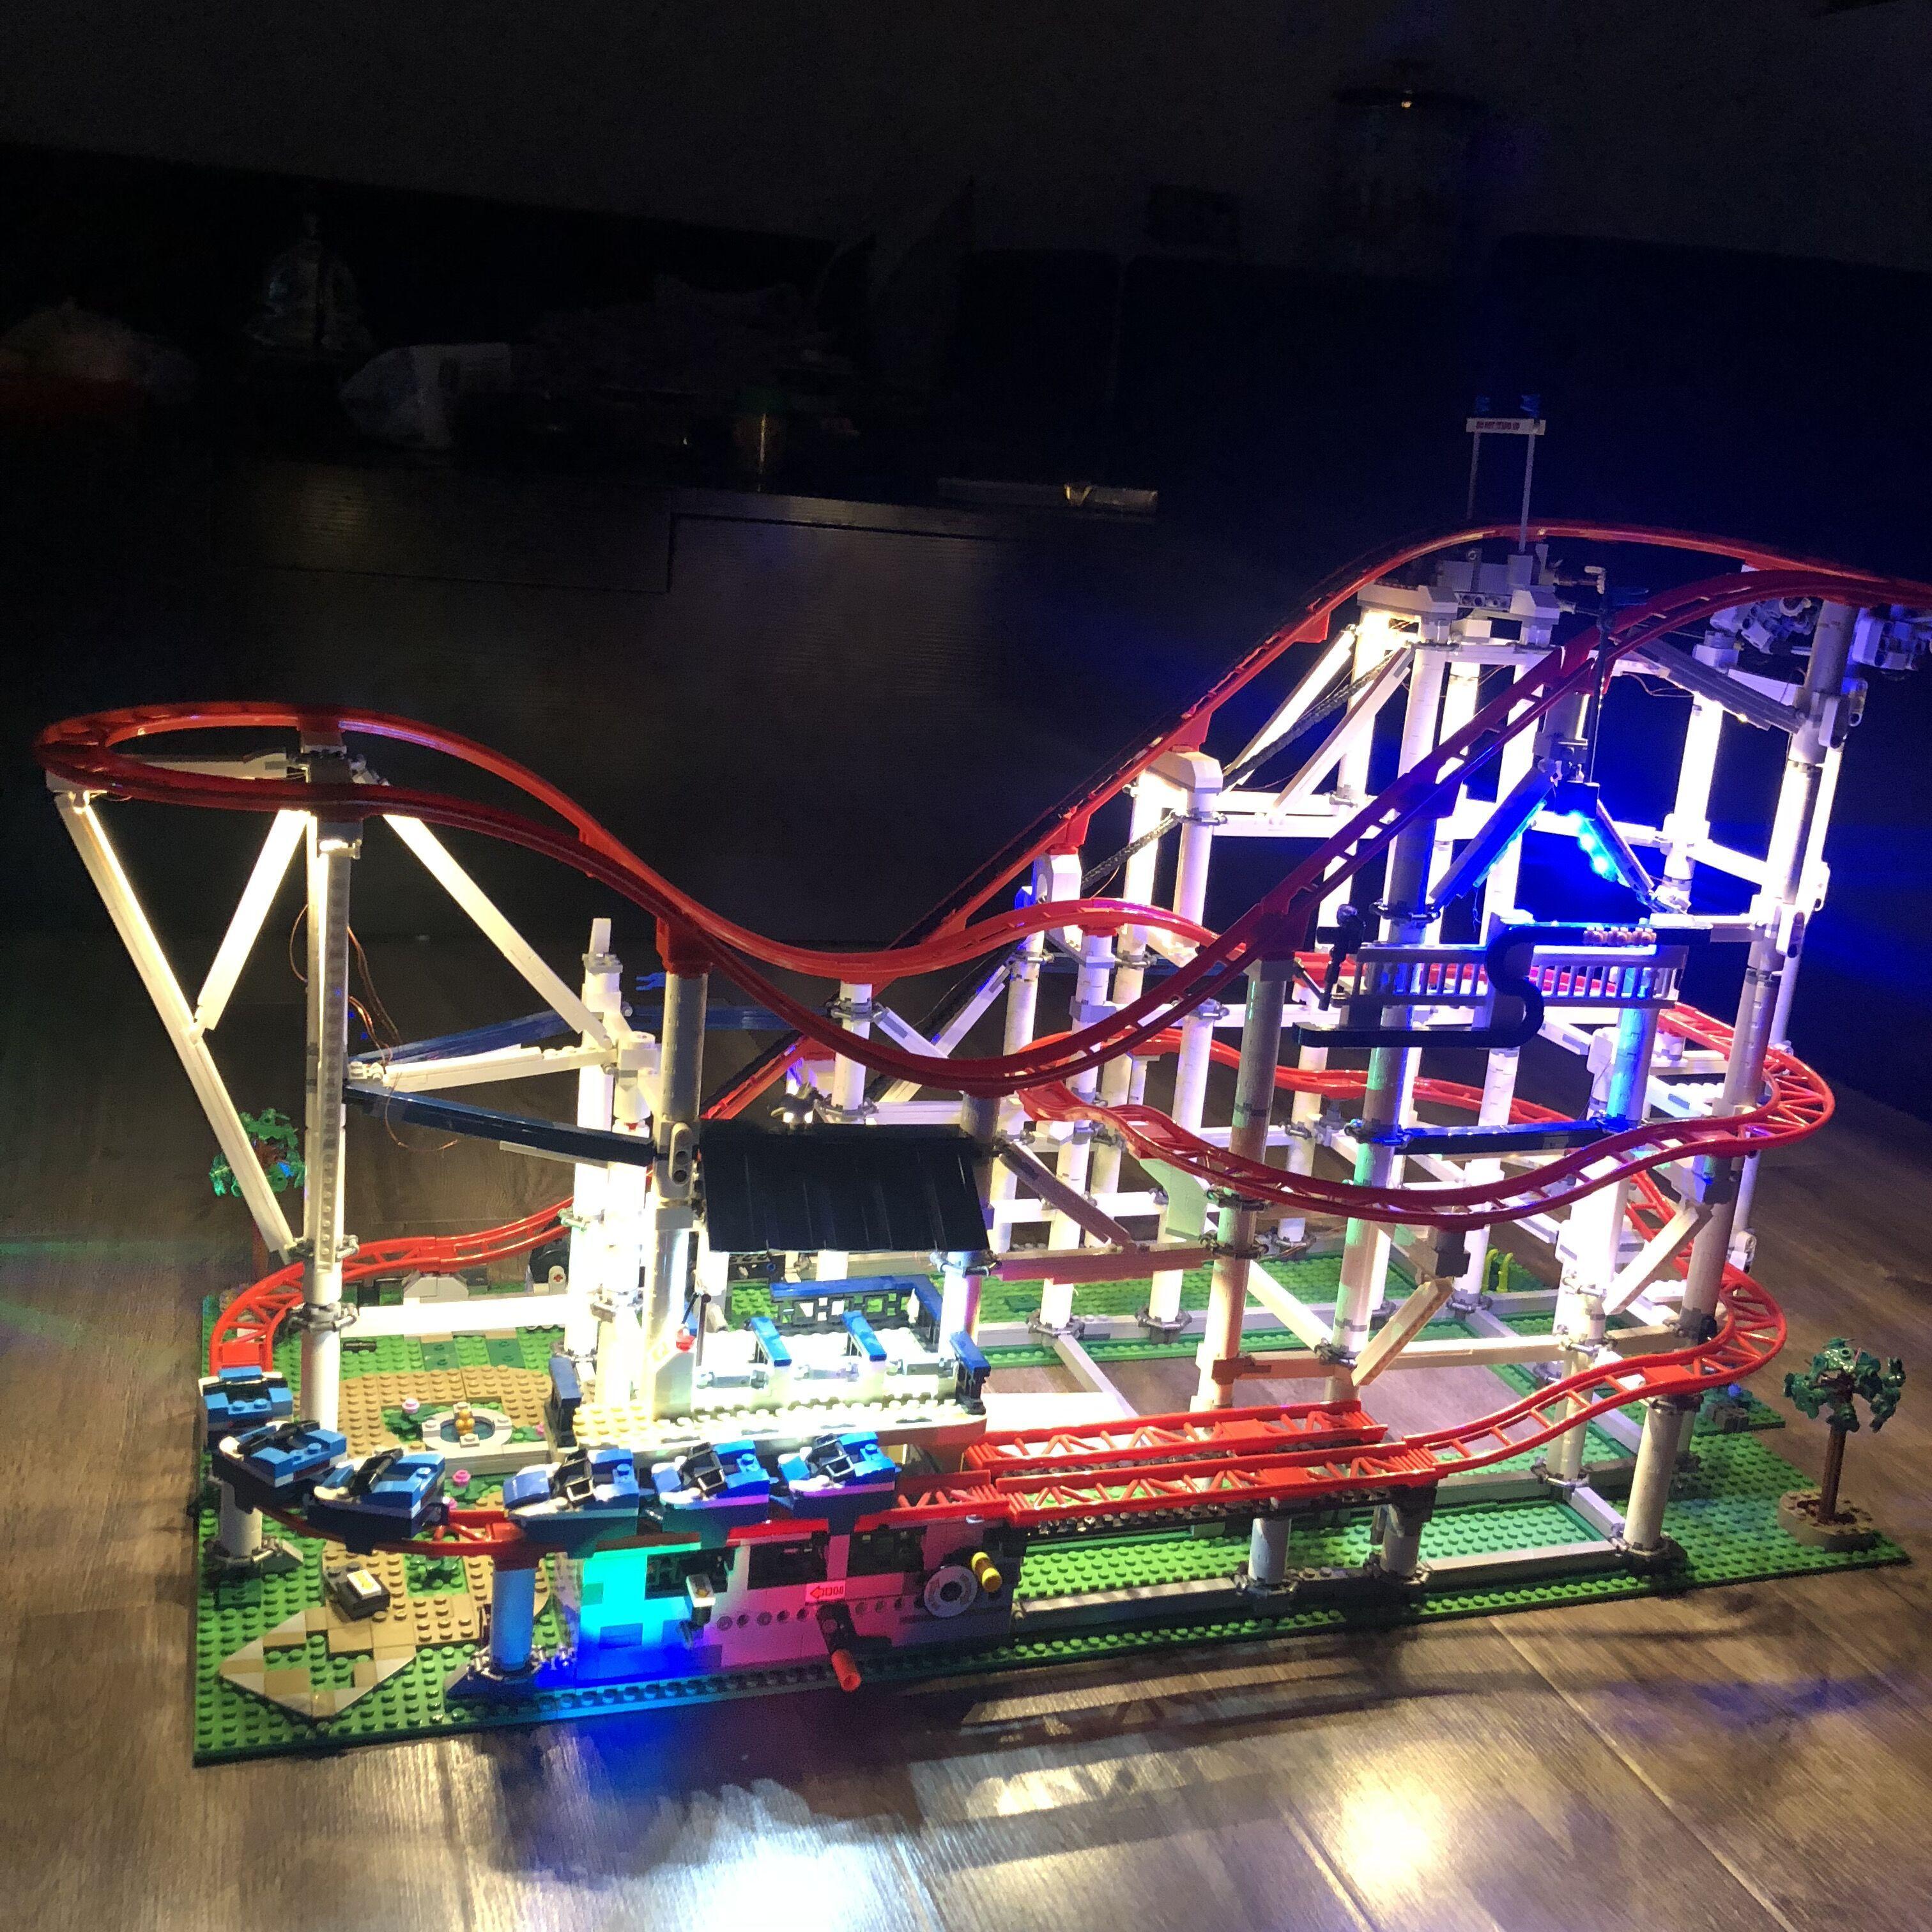 المبدع الخبير الرول كوستر أدى ضوء مجموعة ل IEGOset متوافق 10261 15039 اللبنات الطوب اللعب الهدايا